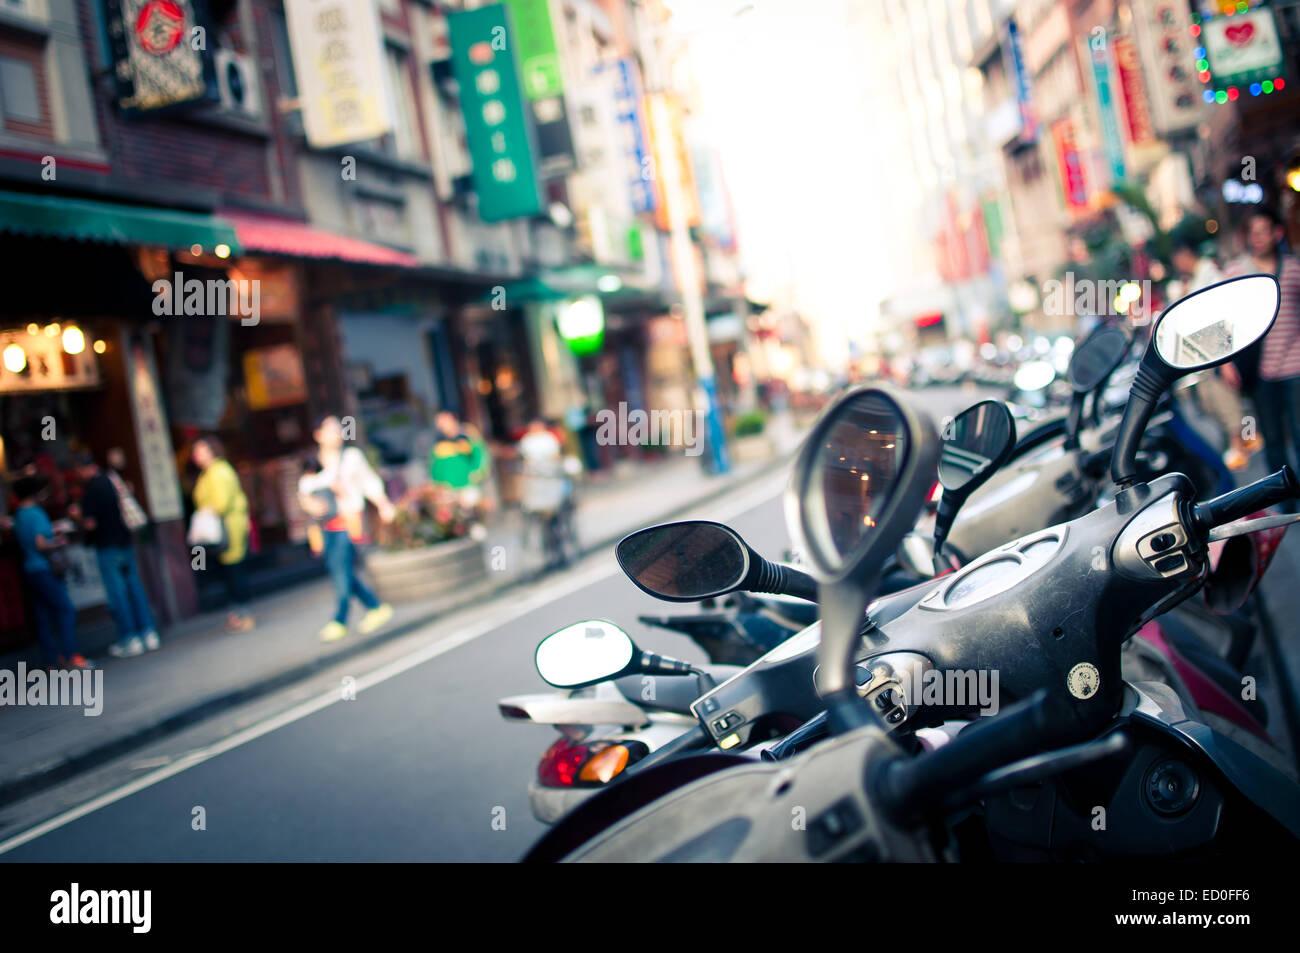 Taiwan, Taipei, Street view - Stock Image